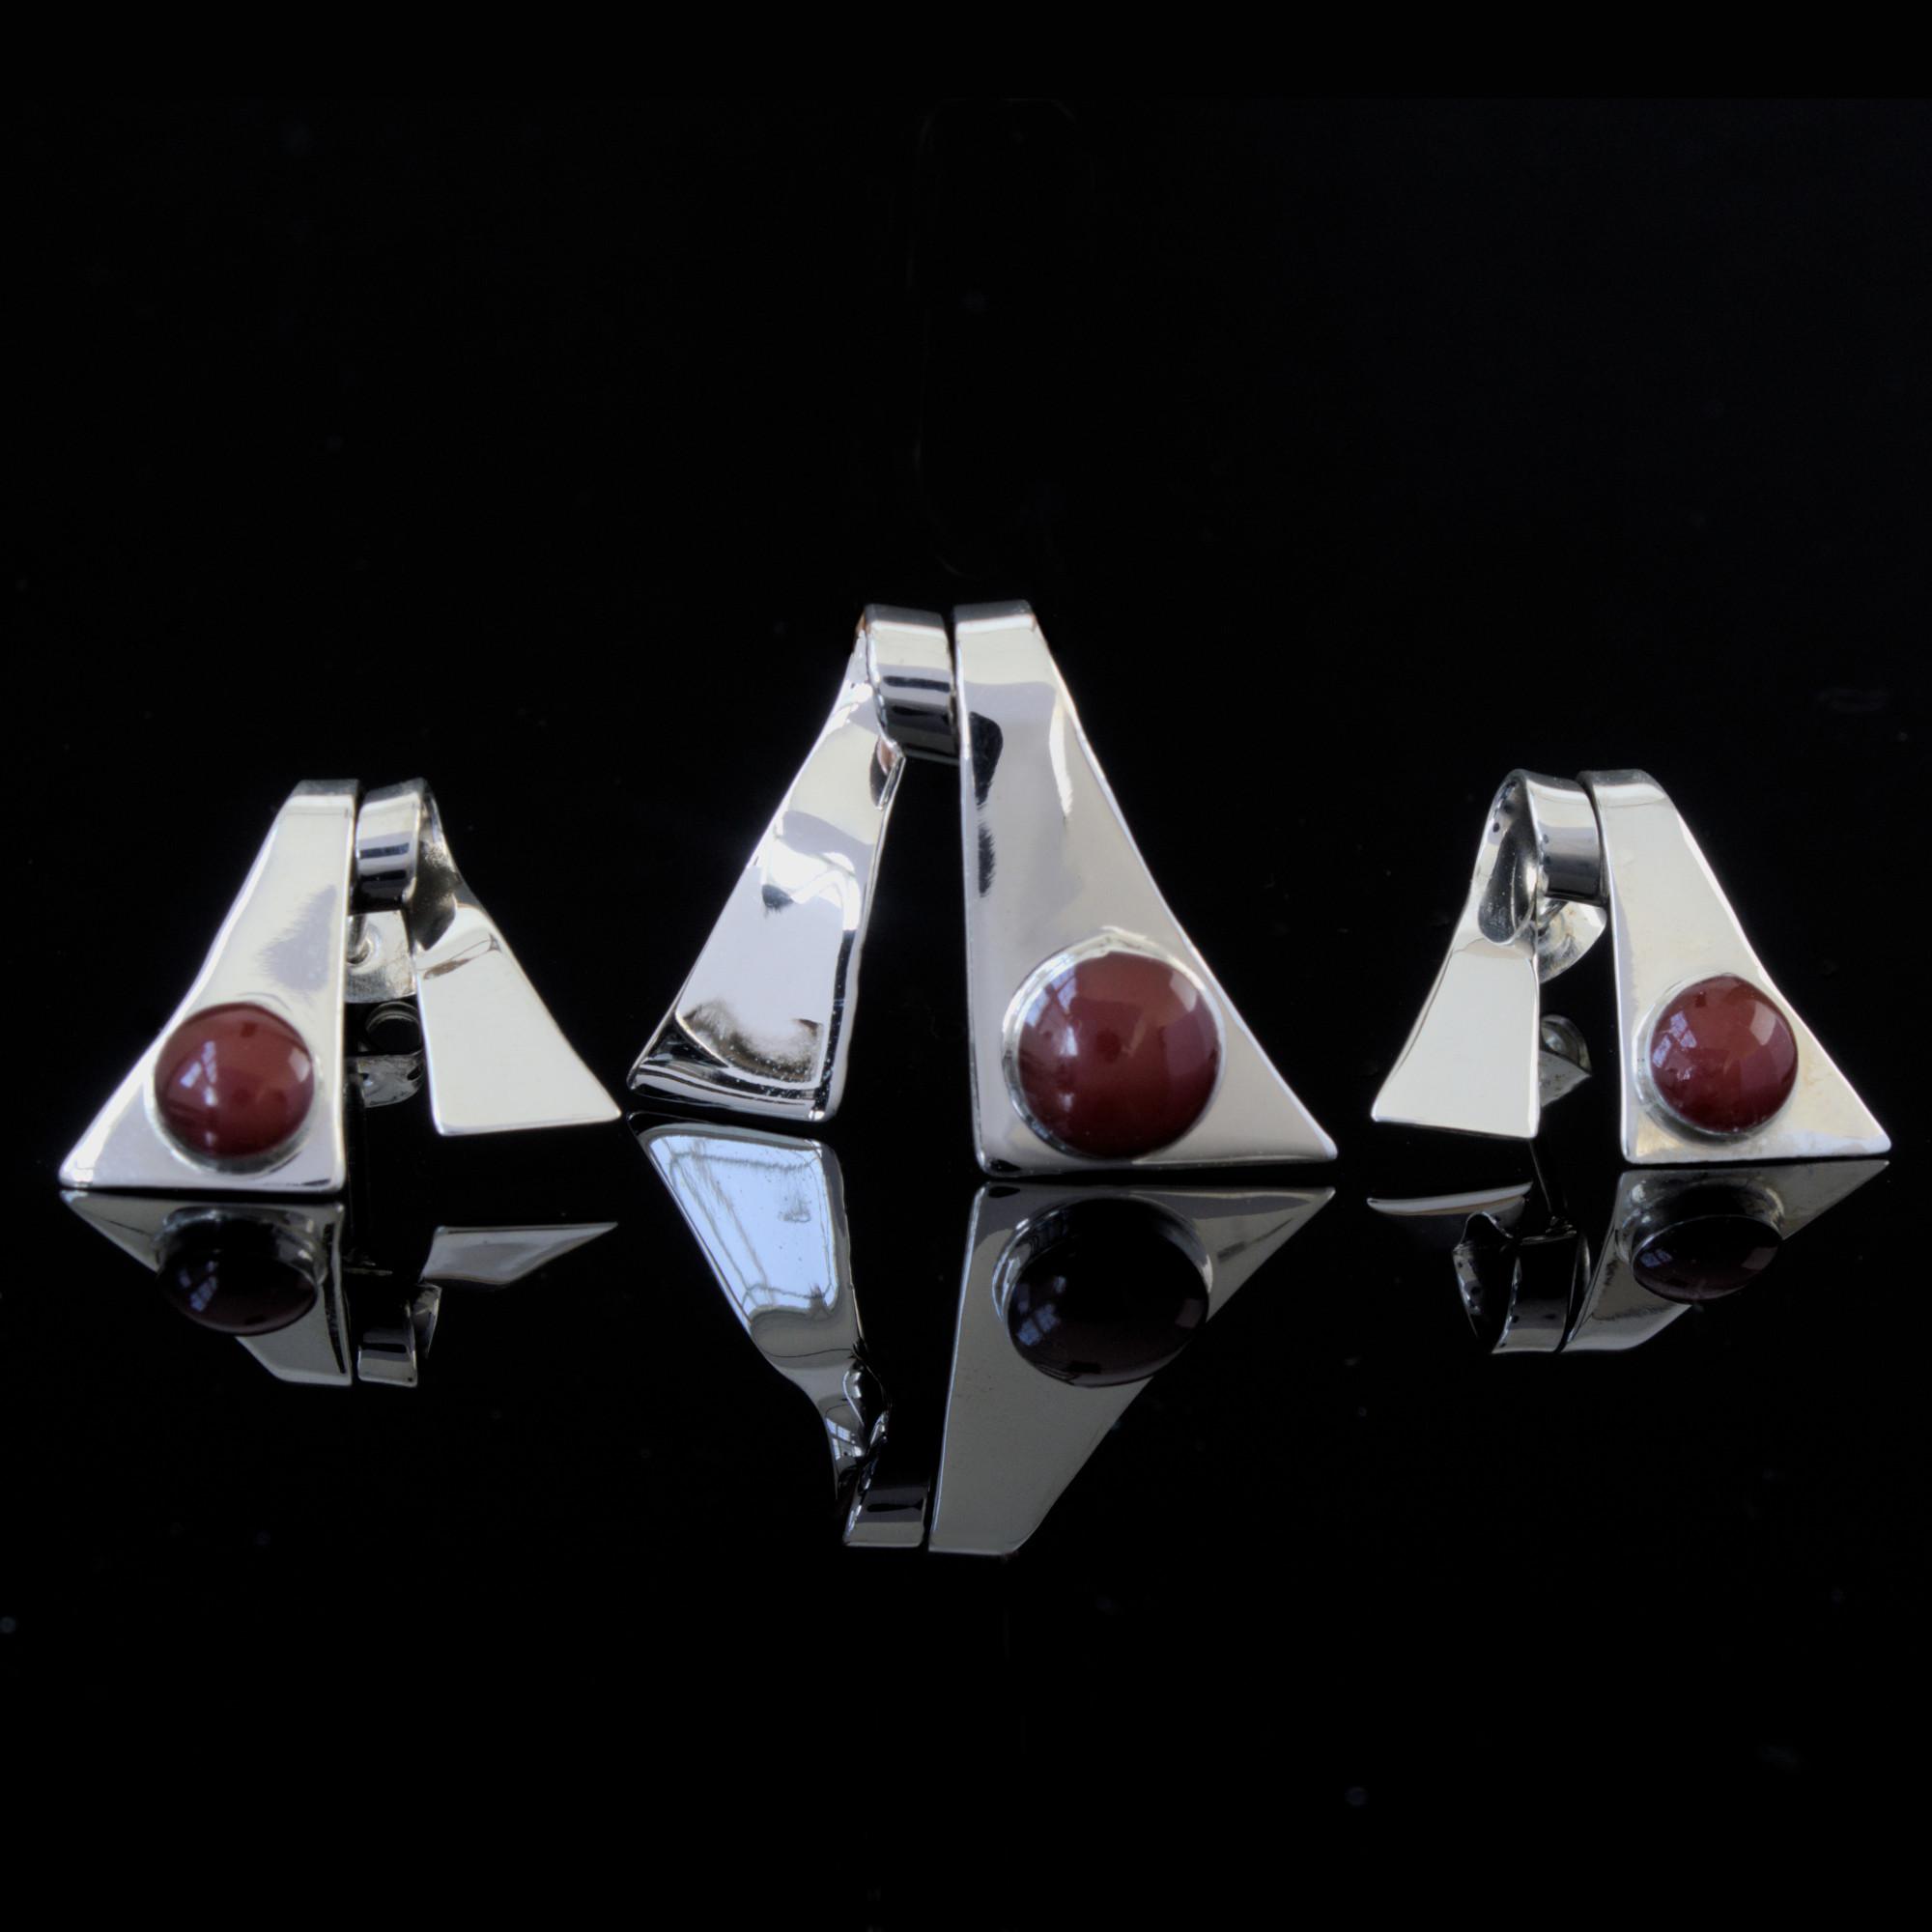 Orion: Örhänge och berlock med trialgel form. Material är sterling silver och kristaller. Glansiga.